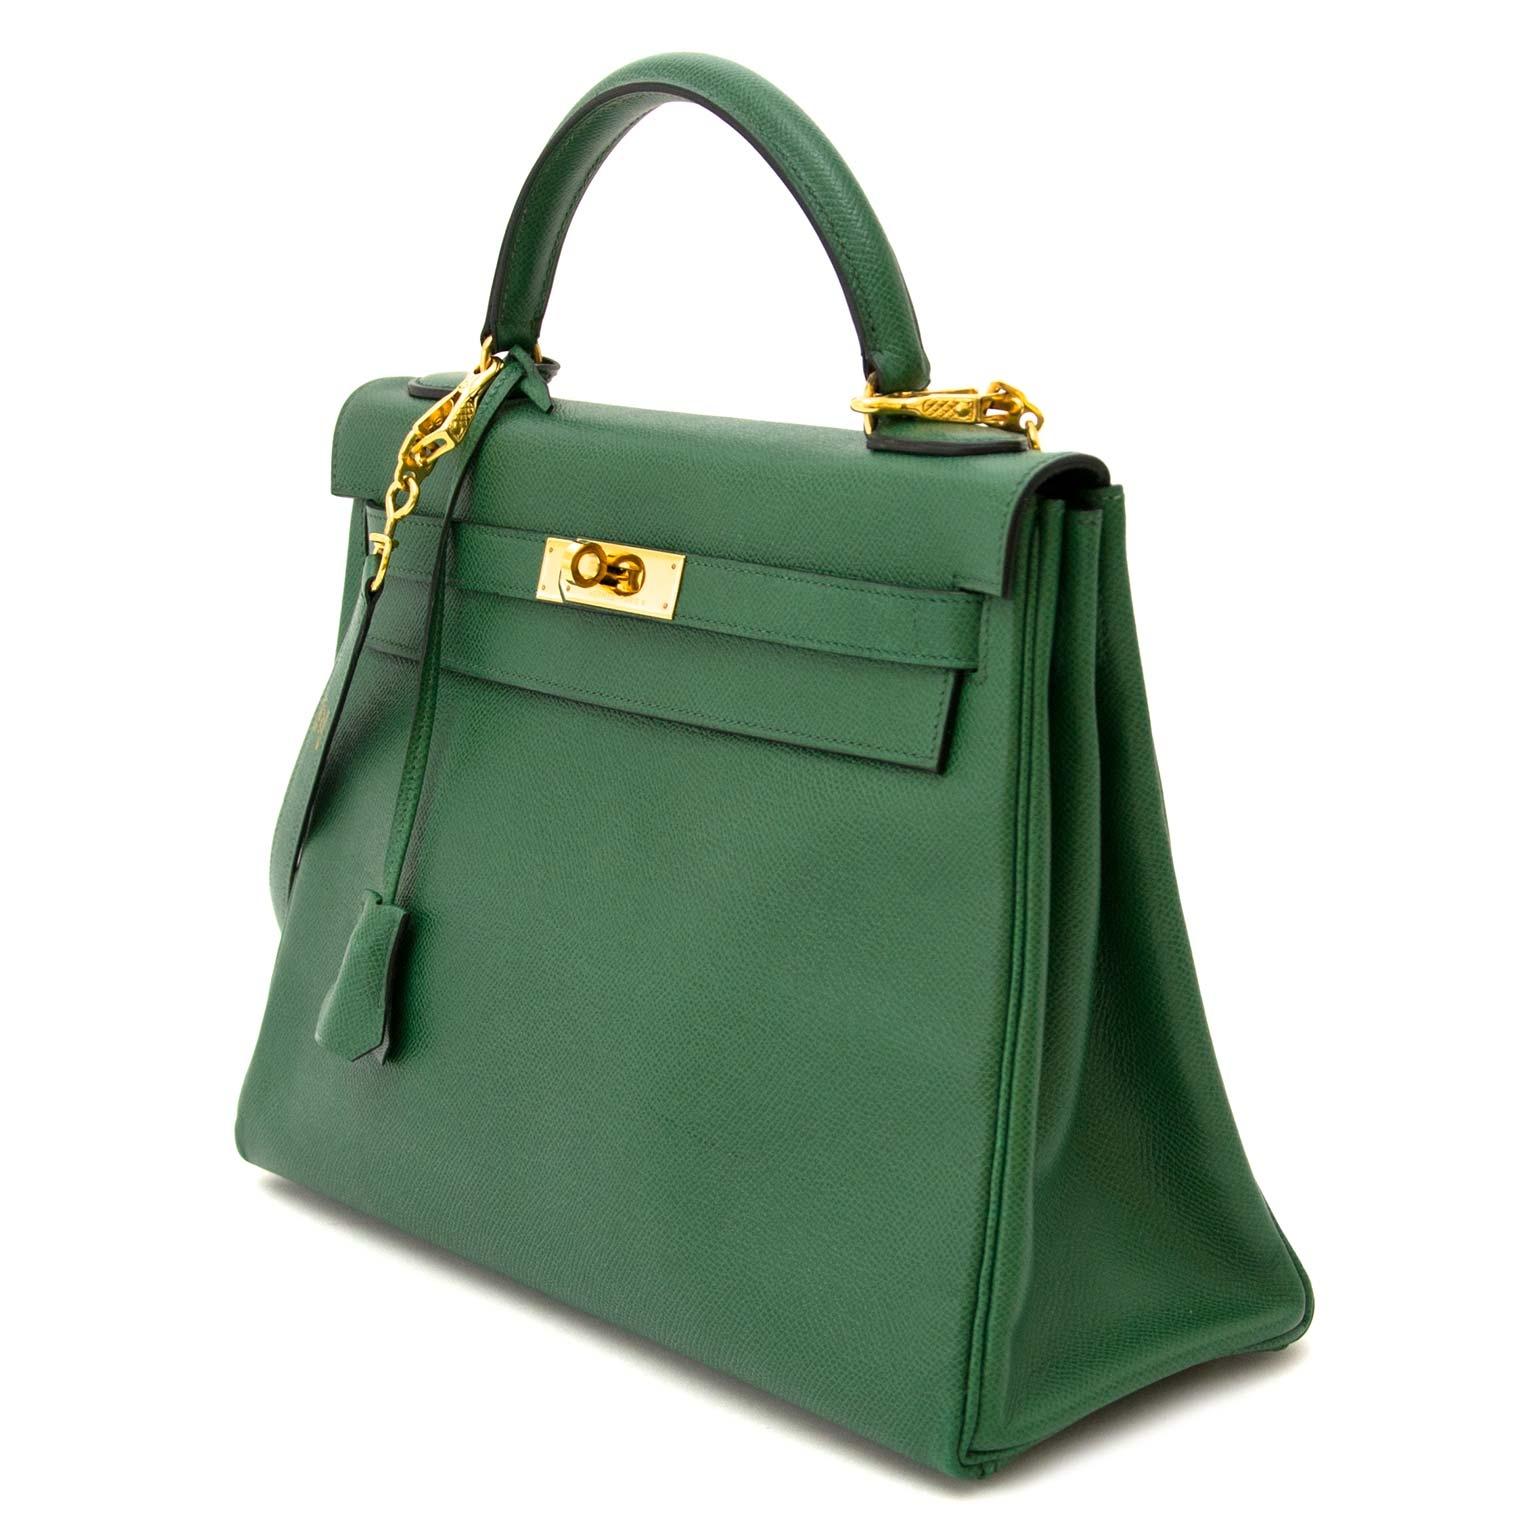 43c9ee11f9de ... acheter en ligne pour le Hermes Kelly 32 Vert Bengal Courchevel Leather